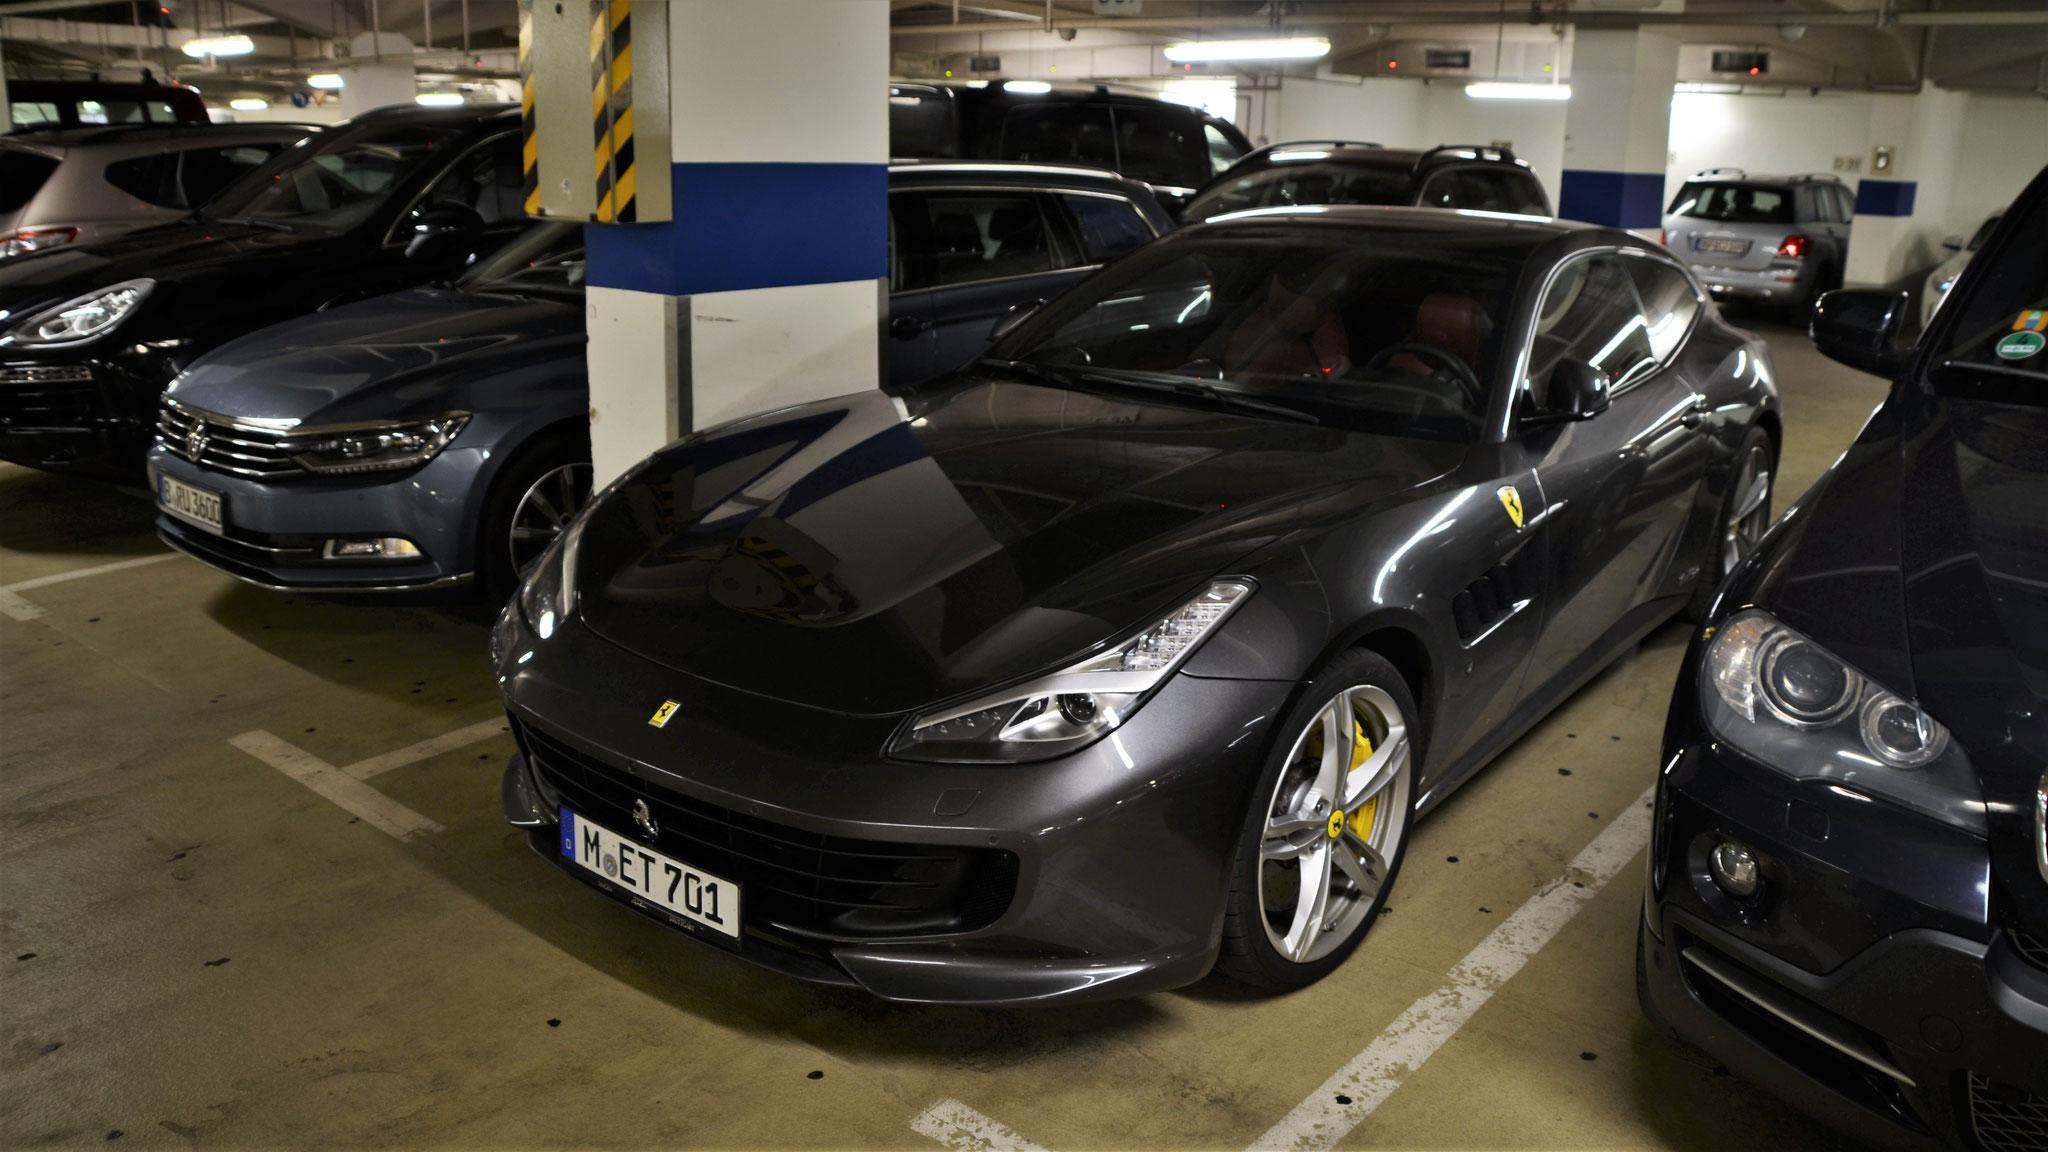 Ferrari GTC4 Lusso - M-ET-701